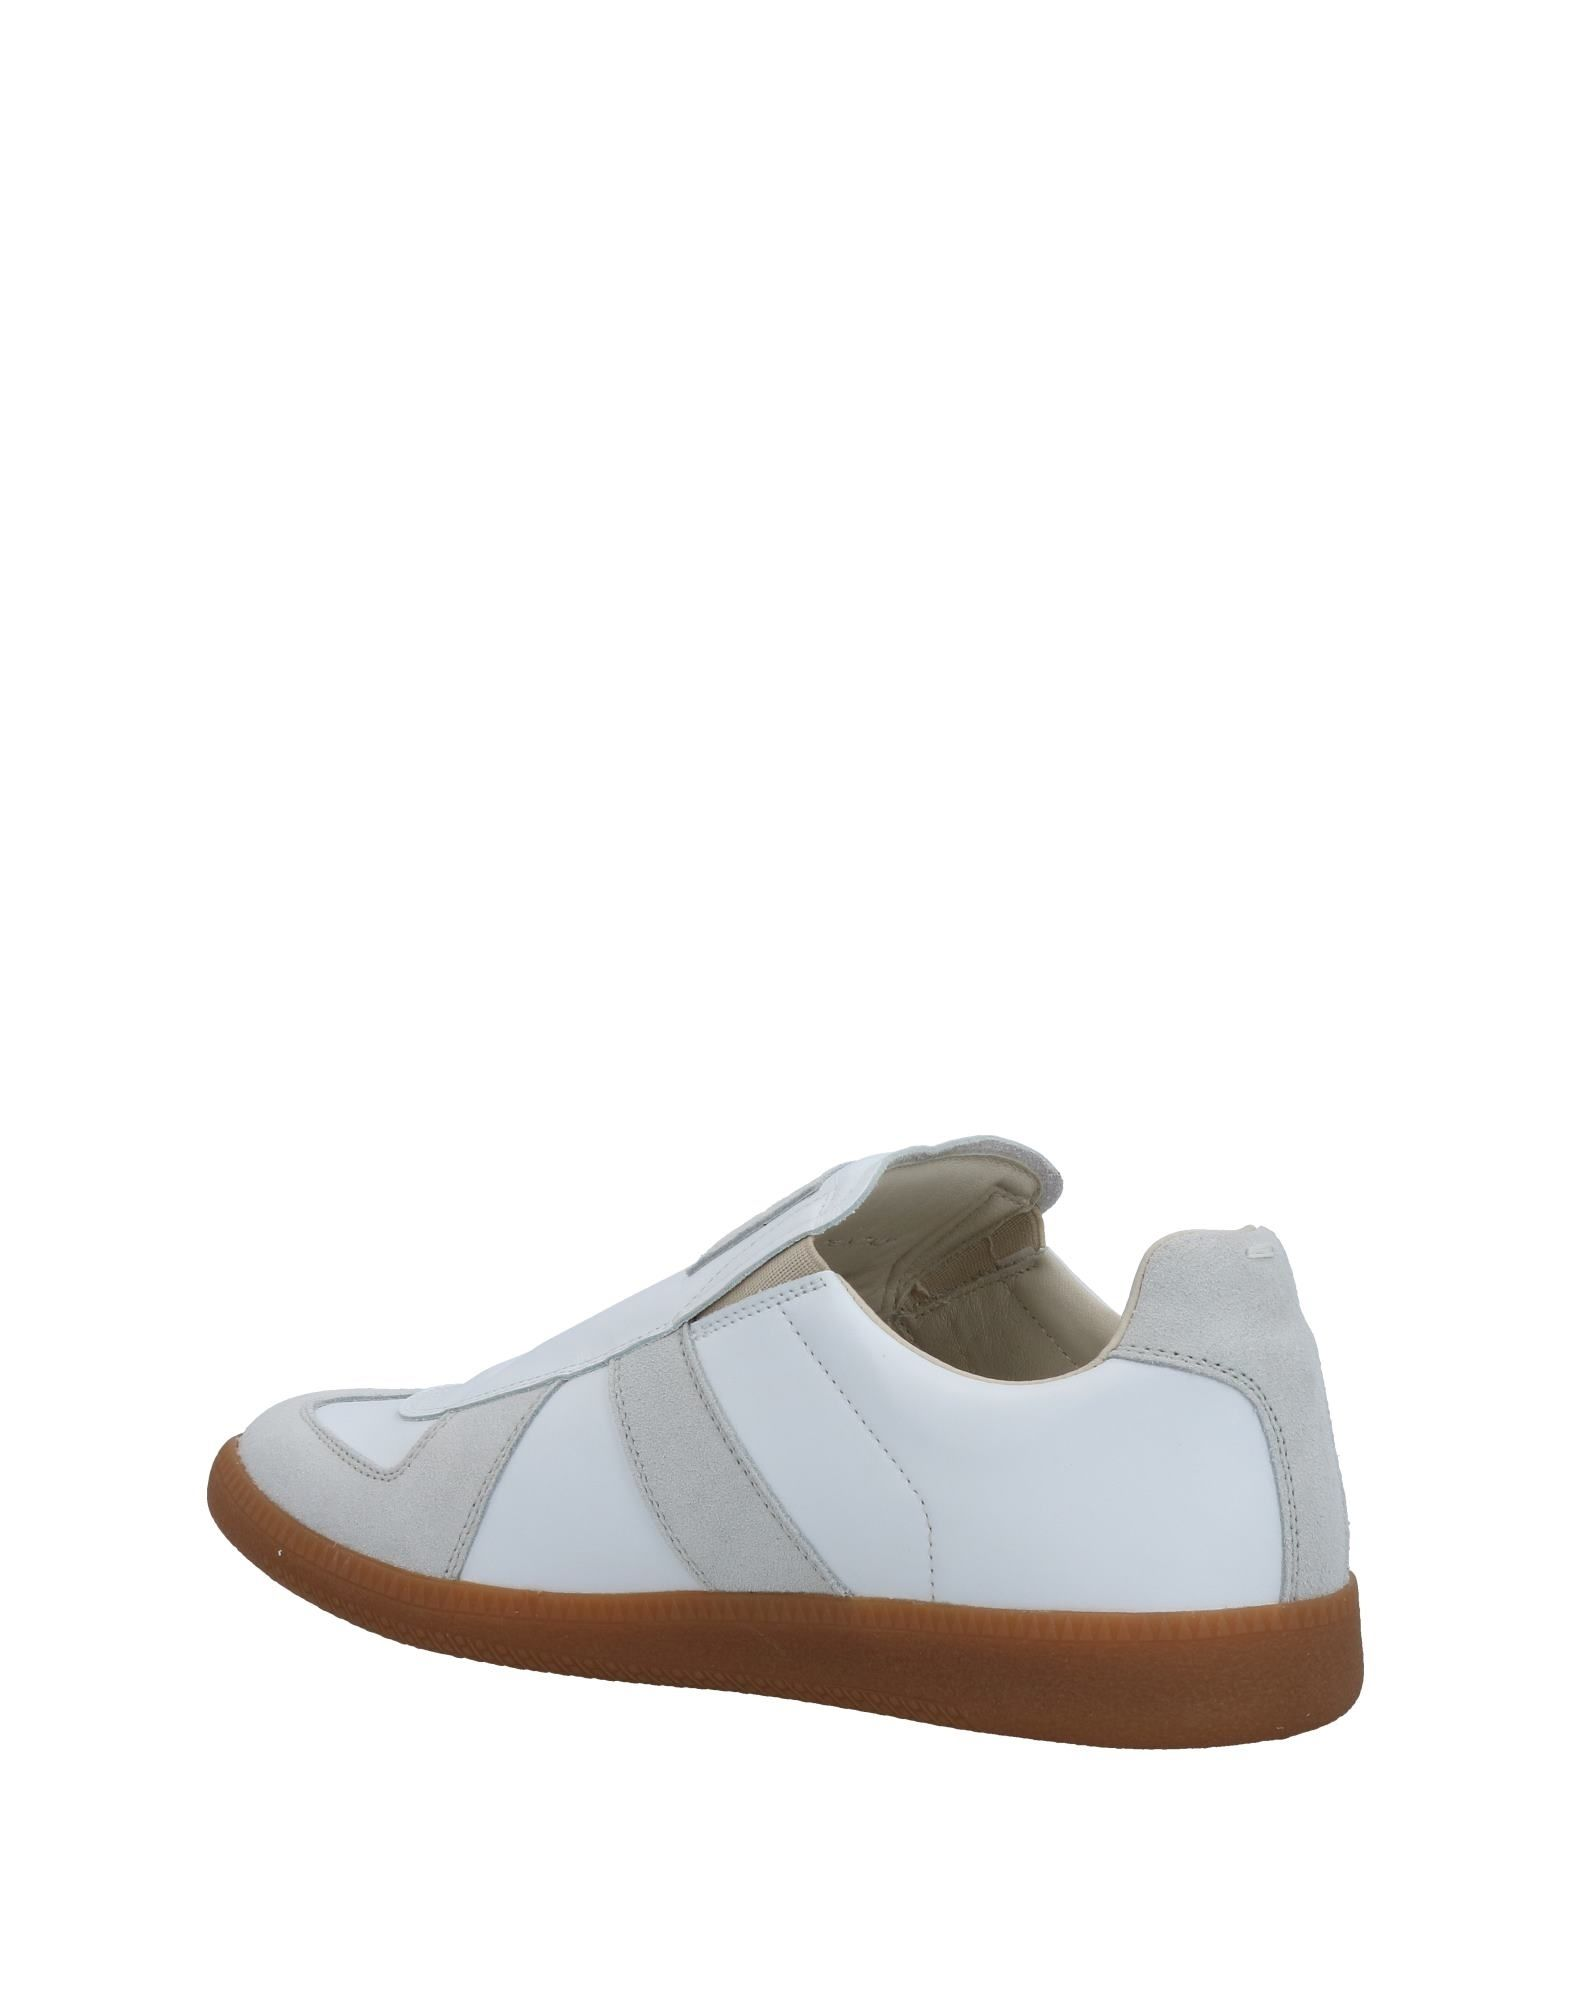 Maison Margiela Sneakers Herren  Schuhe 11417108SV Gute Qualität beliebte Schuhe  ccaa23